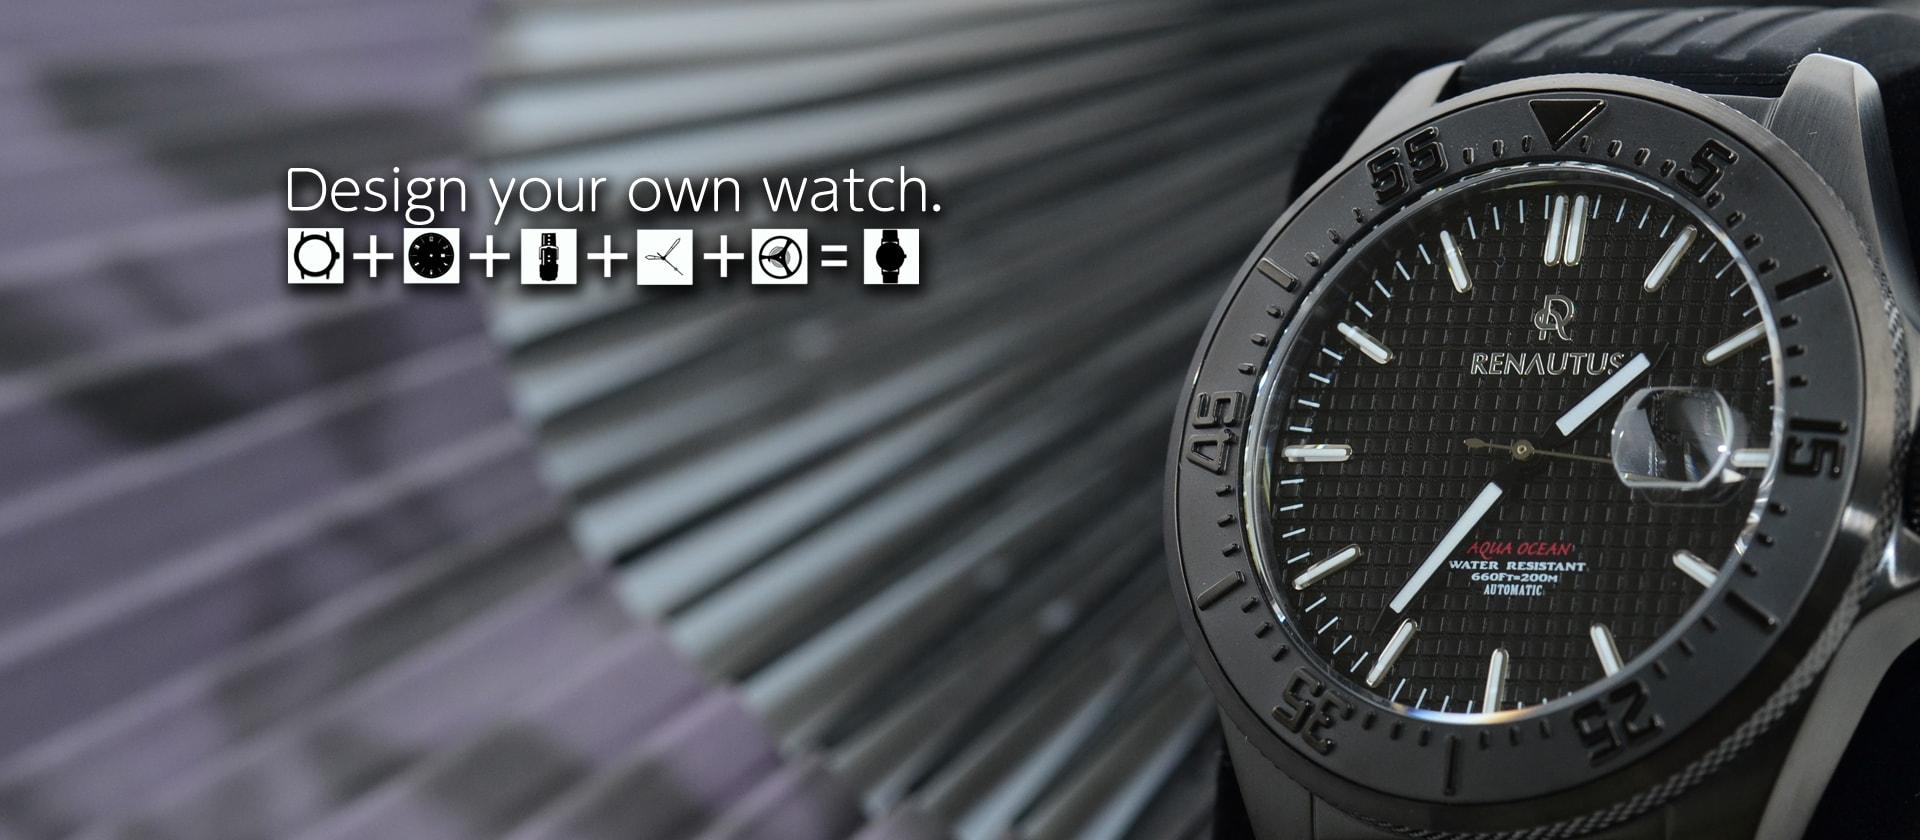 ルノータス 腕時計の口コミ評判